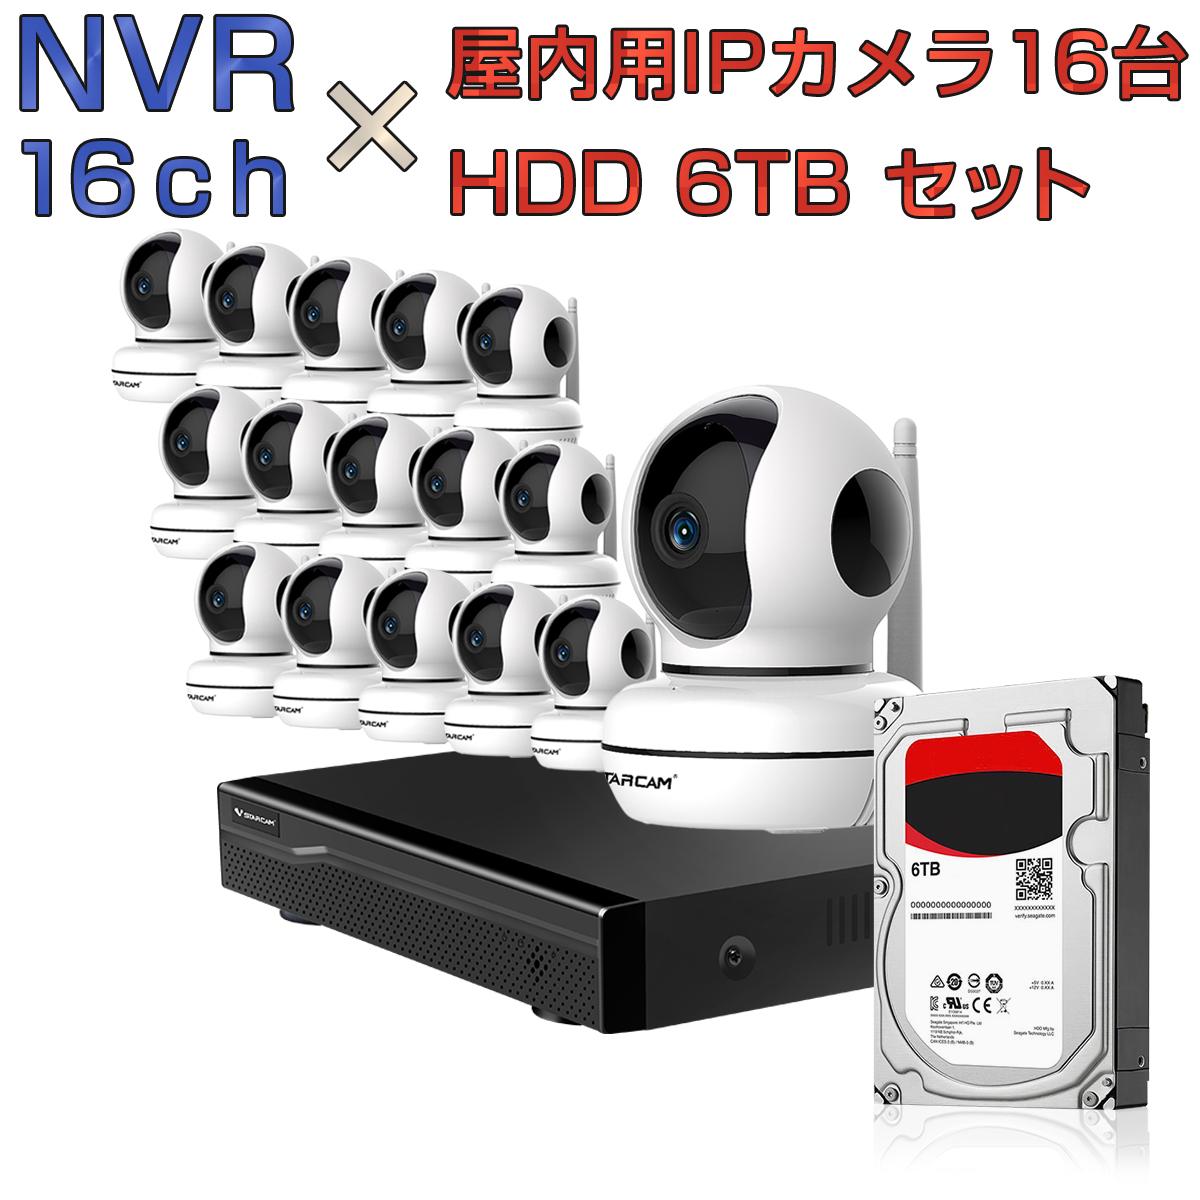 NVR ネットワークビデオレコーダー 16ch HDD6TB内蔵 C46S 2K 1080P 200万画素カメラ 16台セット IP ONVIF形式 スマホ対応 遠隔監視 1080P FHD 動体検知 同時出力 録音対応 H.265+ IPカメラレコーダー監視システム 宅配便送料無料 1年保証